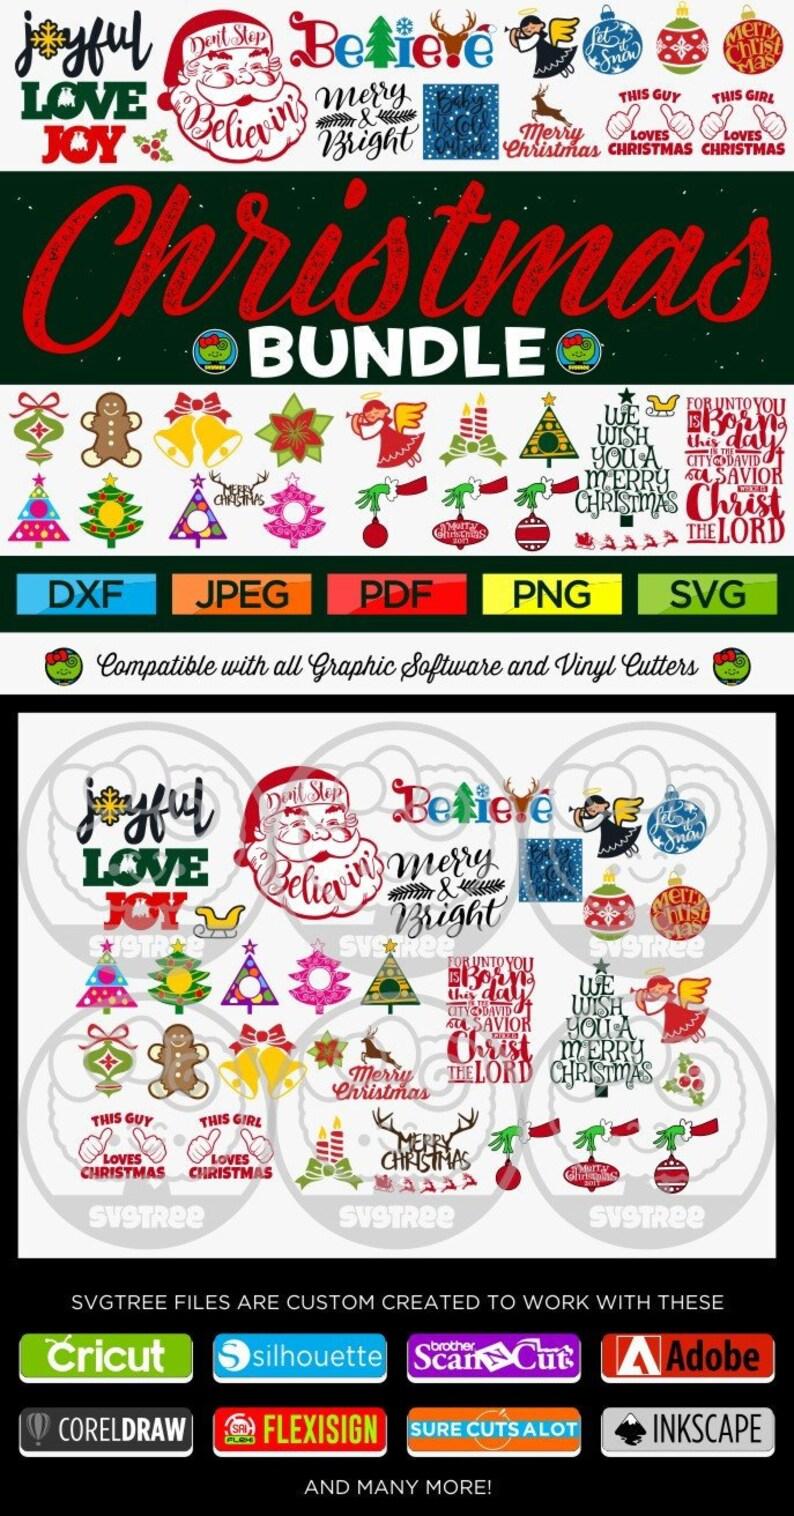 Christmas SVG Bundle Christmas Bundle SVG Christmas Files Bundle Cricut Files Silhouette Files Cut Files svg dxf png svg